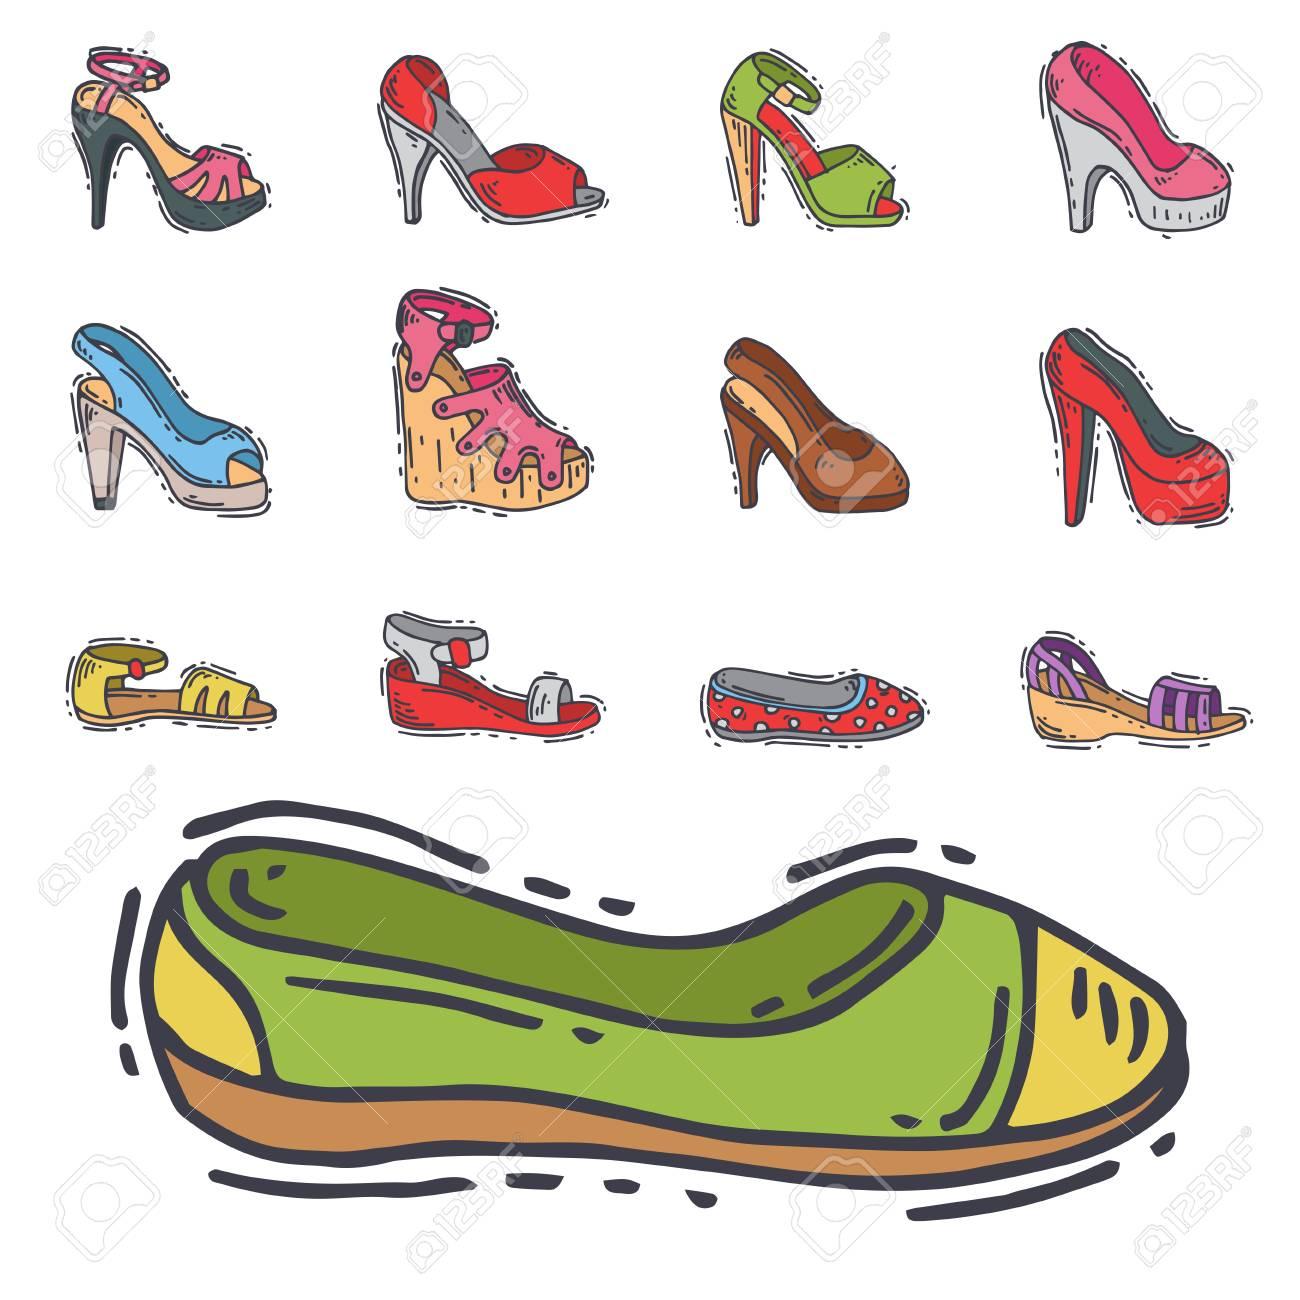 Conjunto de zapatos de la mujer del vector del diseño plano dibujado a mano del calzado de cuero de los zapatos del zapato. ilustración de la costura